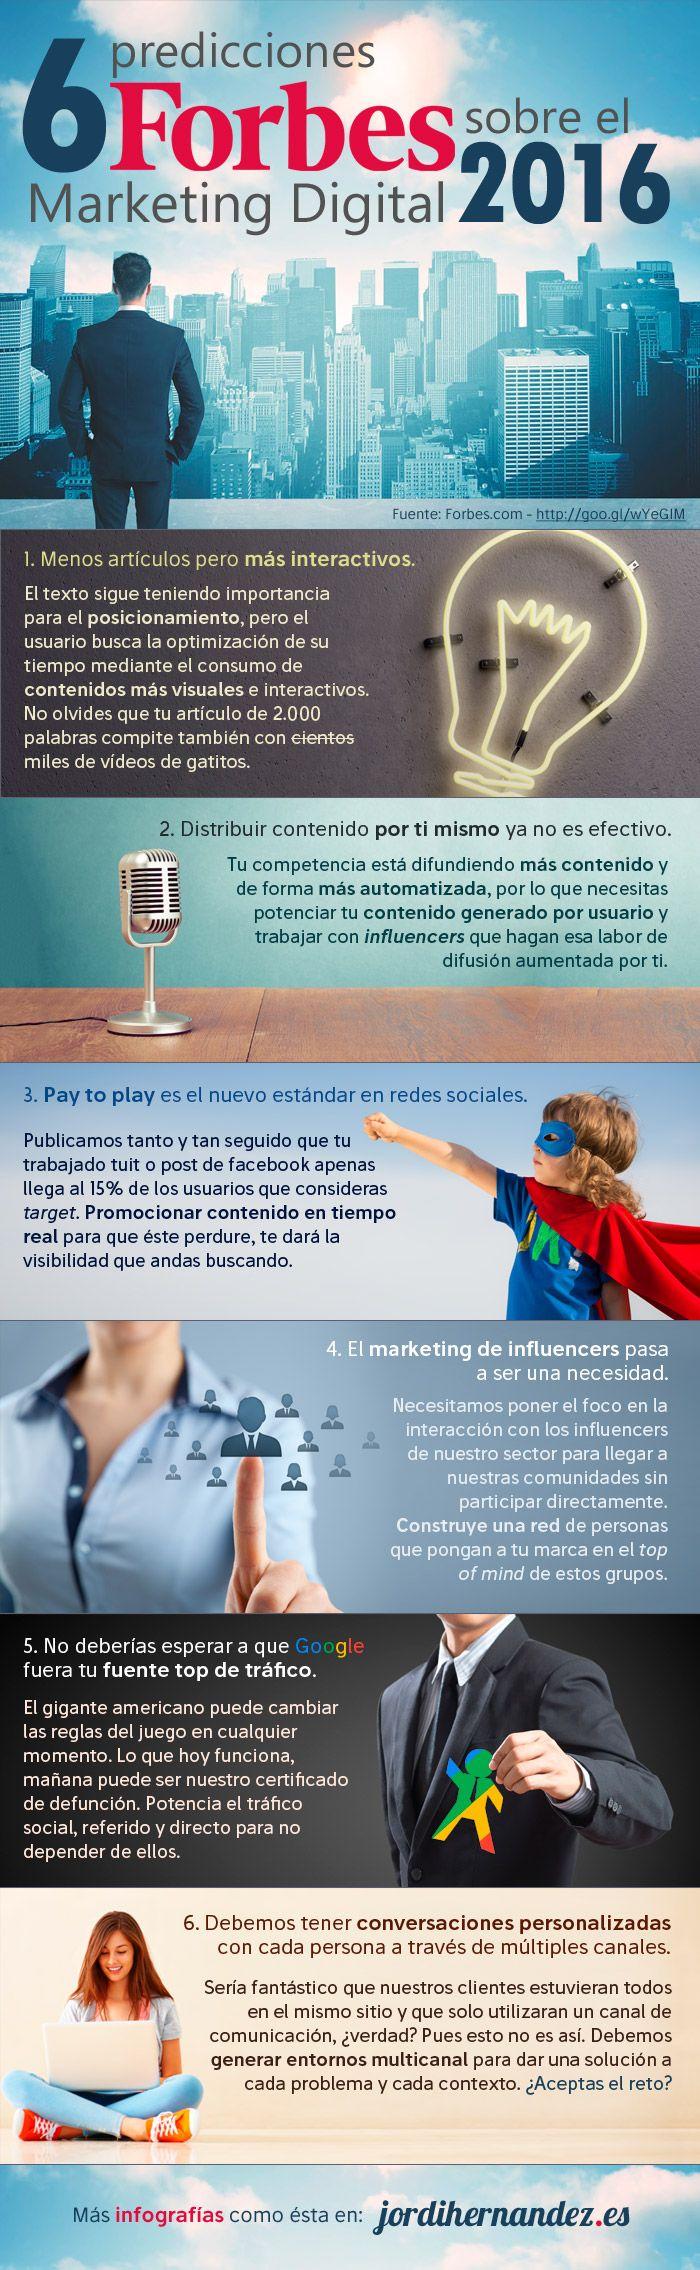 6 predicciones de Forbes sobre Marketing Digital para 2016, vía Jordi Hernández.